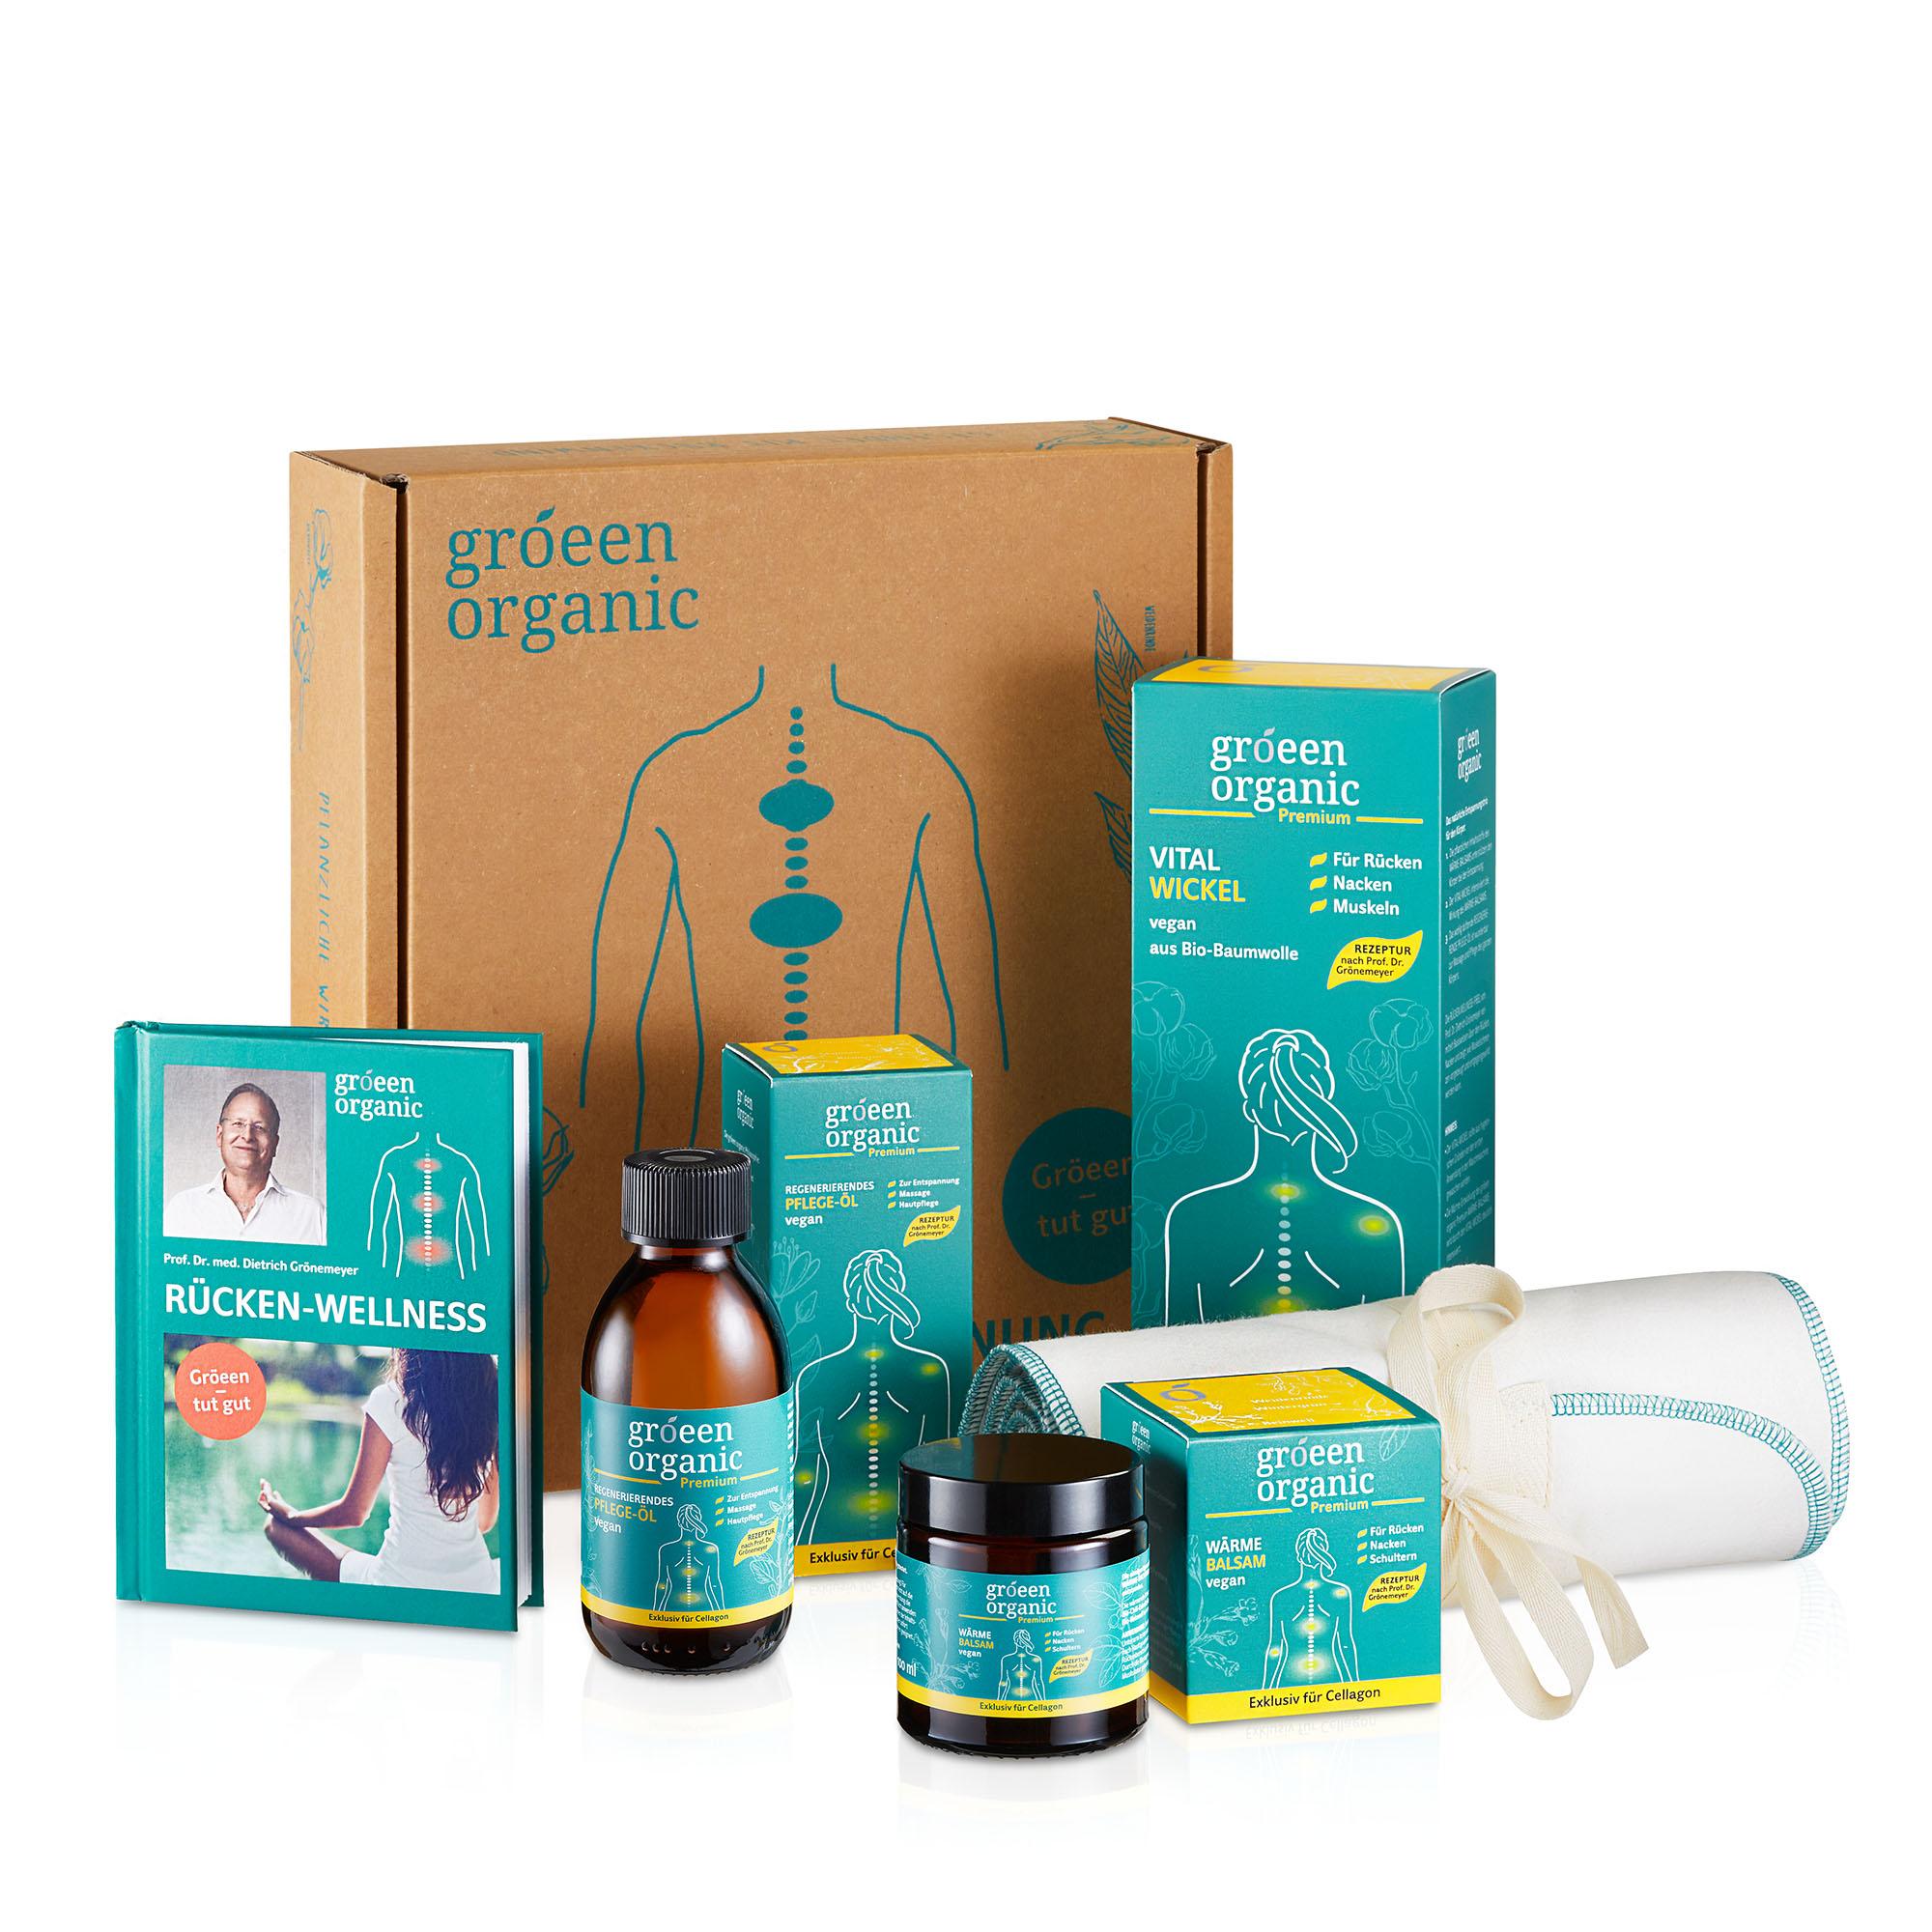 gröeen organic Premium Entspannungs-Set | Wellness-Produkte